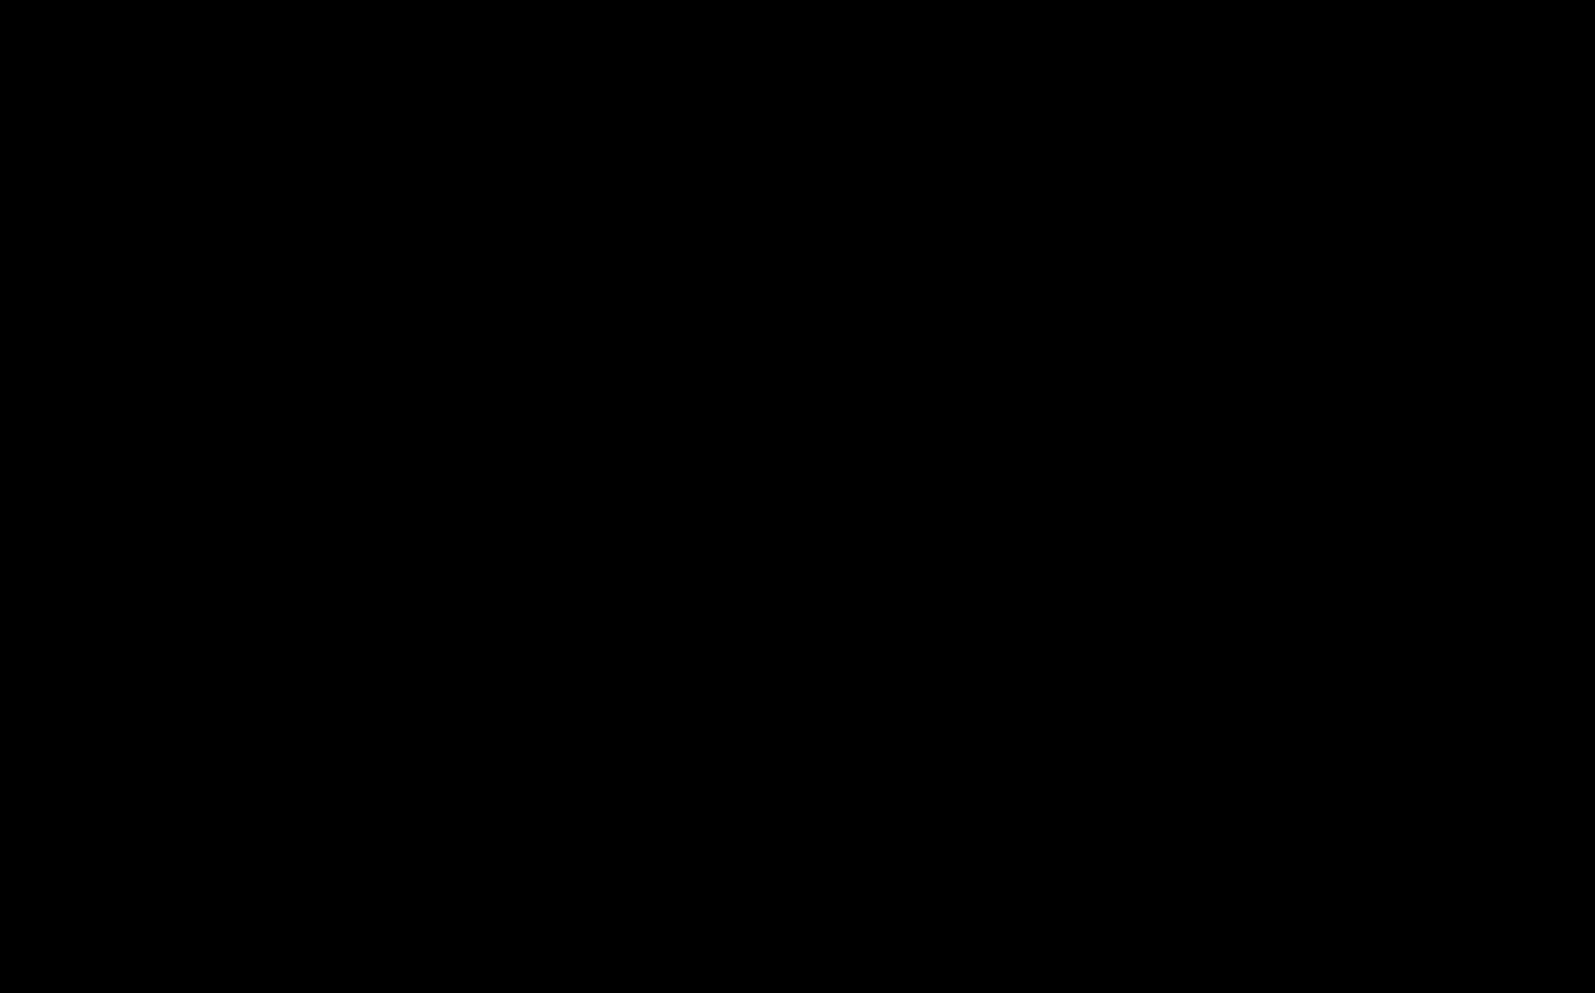 Feuchtespeicherfunktionen für schwach (Ziegel), mäßig (Beton) und stark (Holz) hygroskopische Baustoffe – Sorptionsisothermen